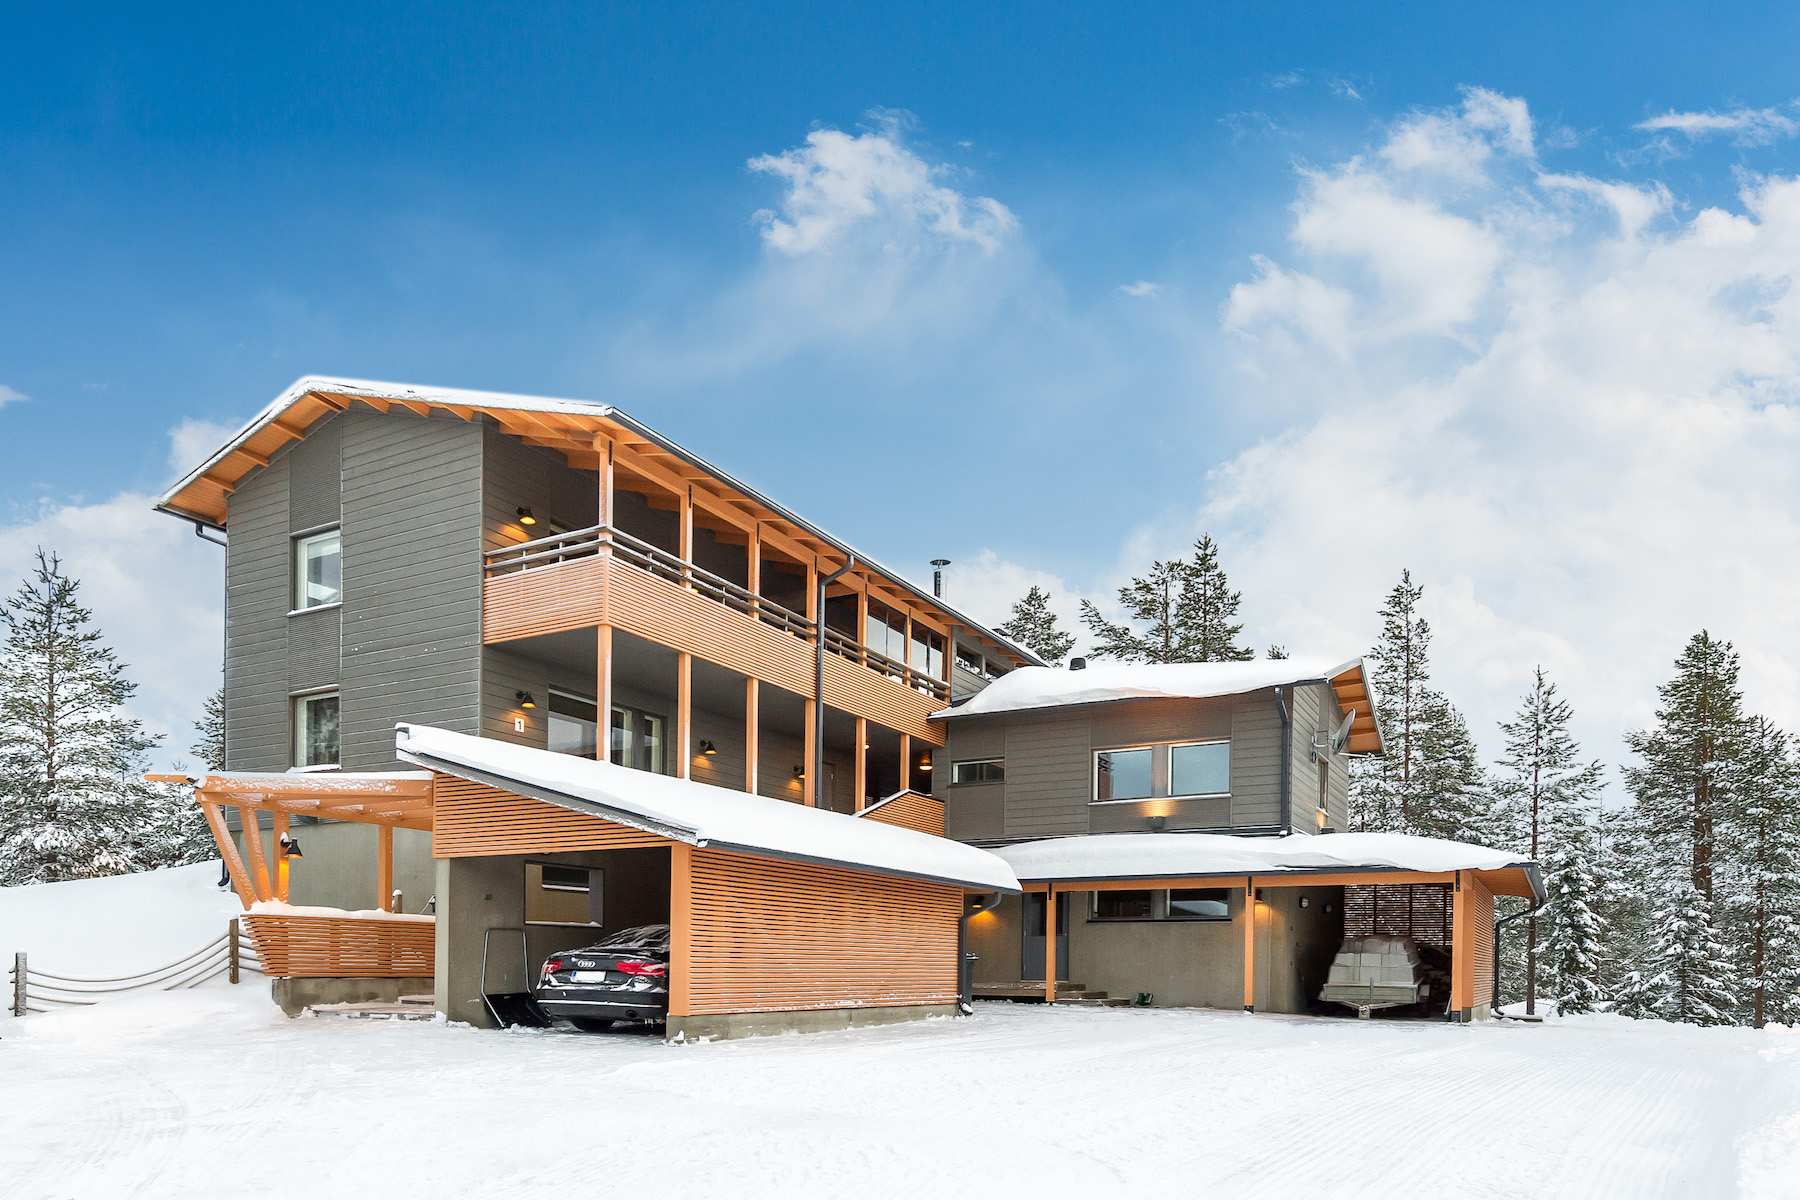 Частный односемейный дом для того Продажа на Incredible villa at Rukatunturi Plantingintie 1 Other Cities In Finland, Cities In Finland, 93830 Finland